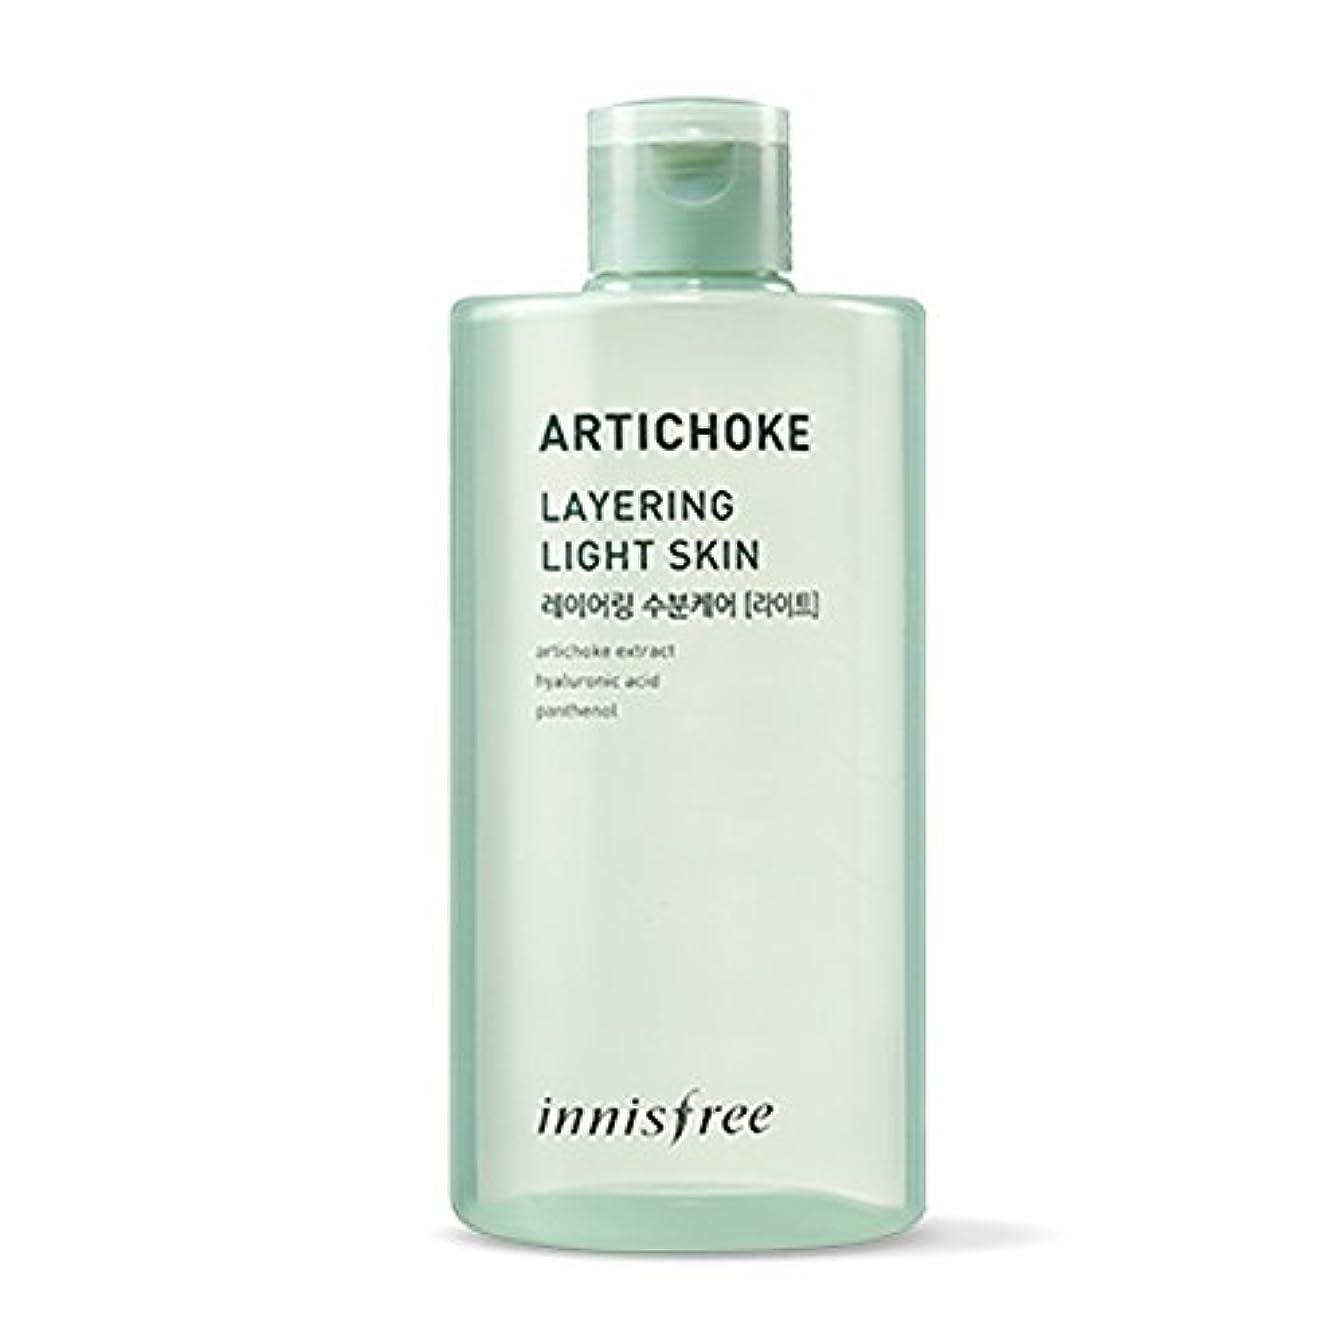 バッフル胃慎重イニスフリーアーティチョークレイヤーライトスキン(トナー)400ml Innisfree Artichoke Layering Light Skin (Toner) 400ml [海外直送品] [並行輸入品]